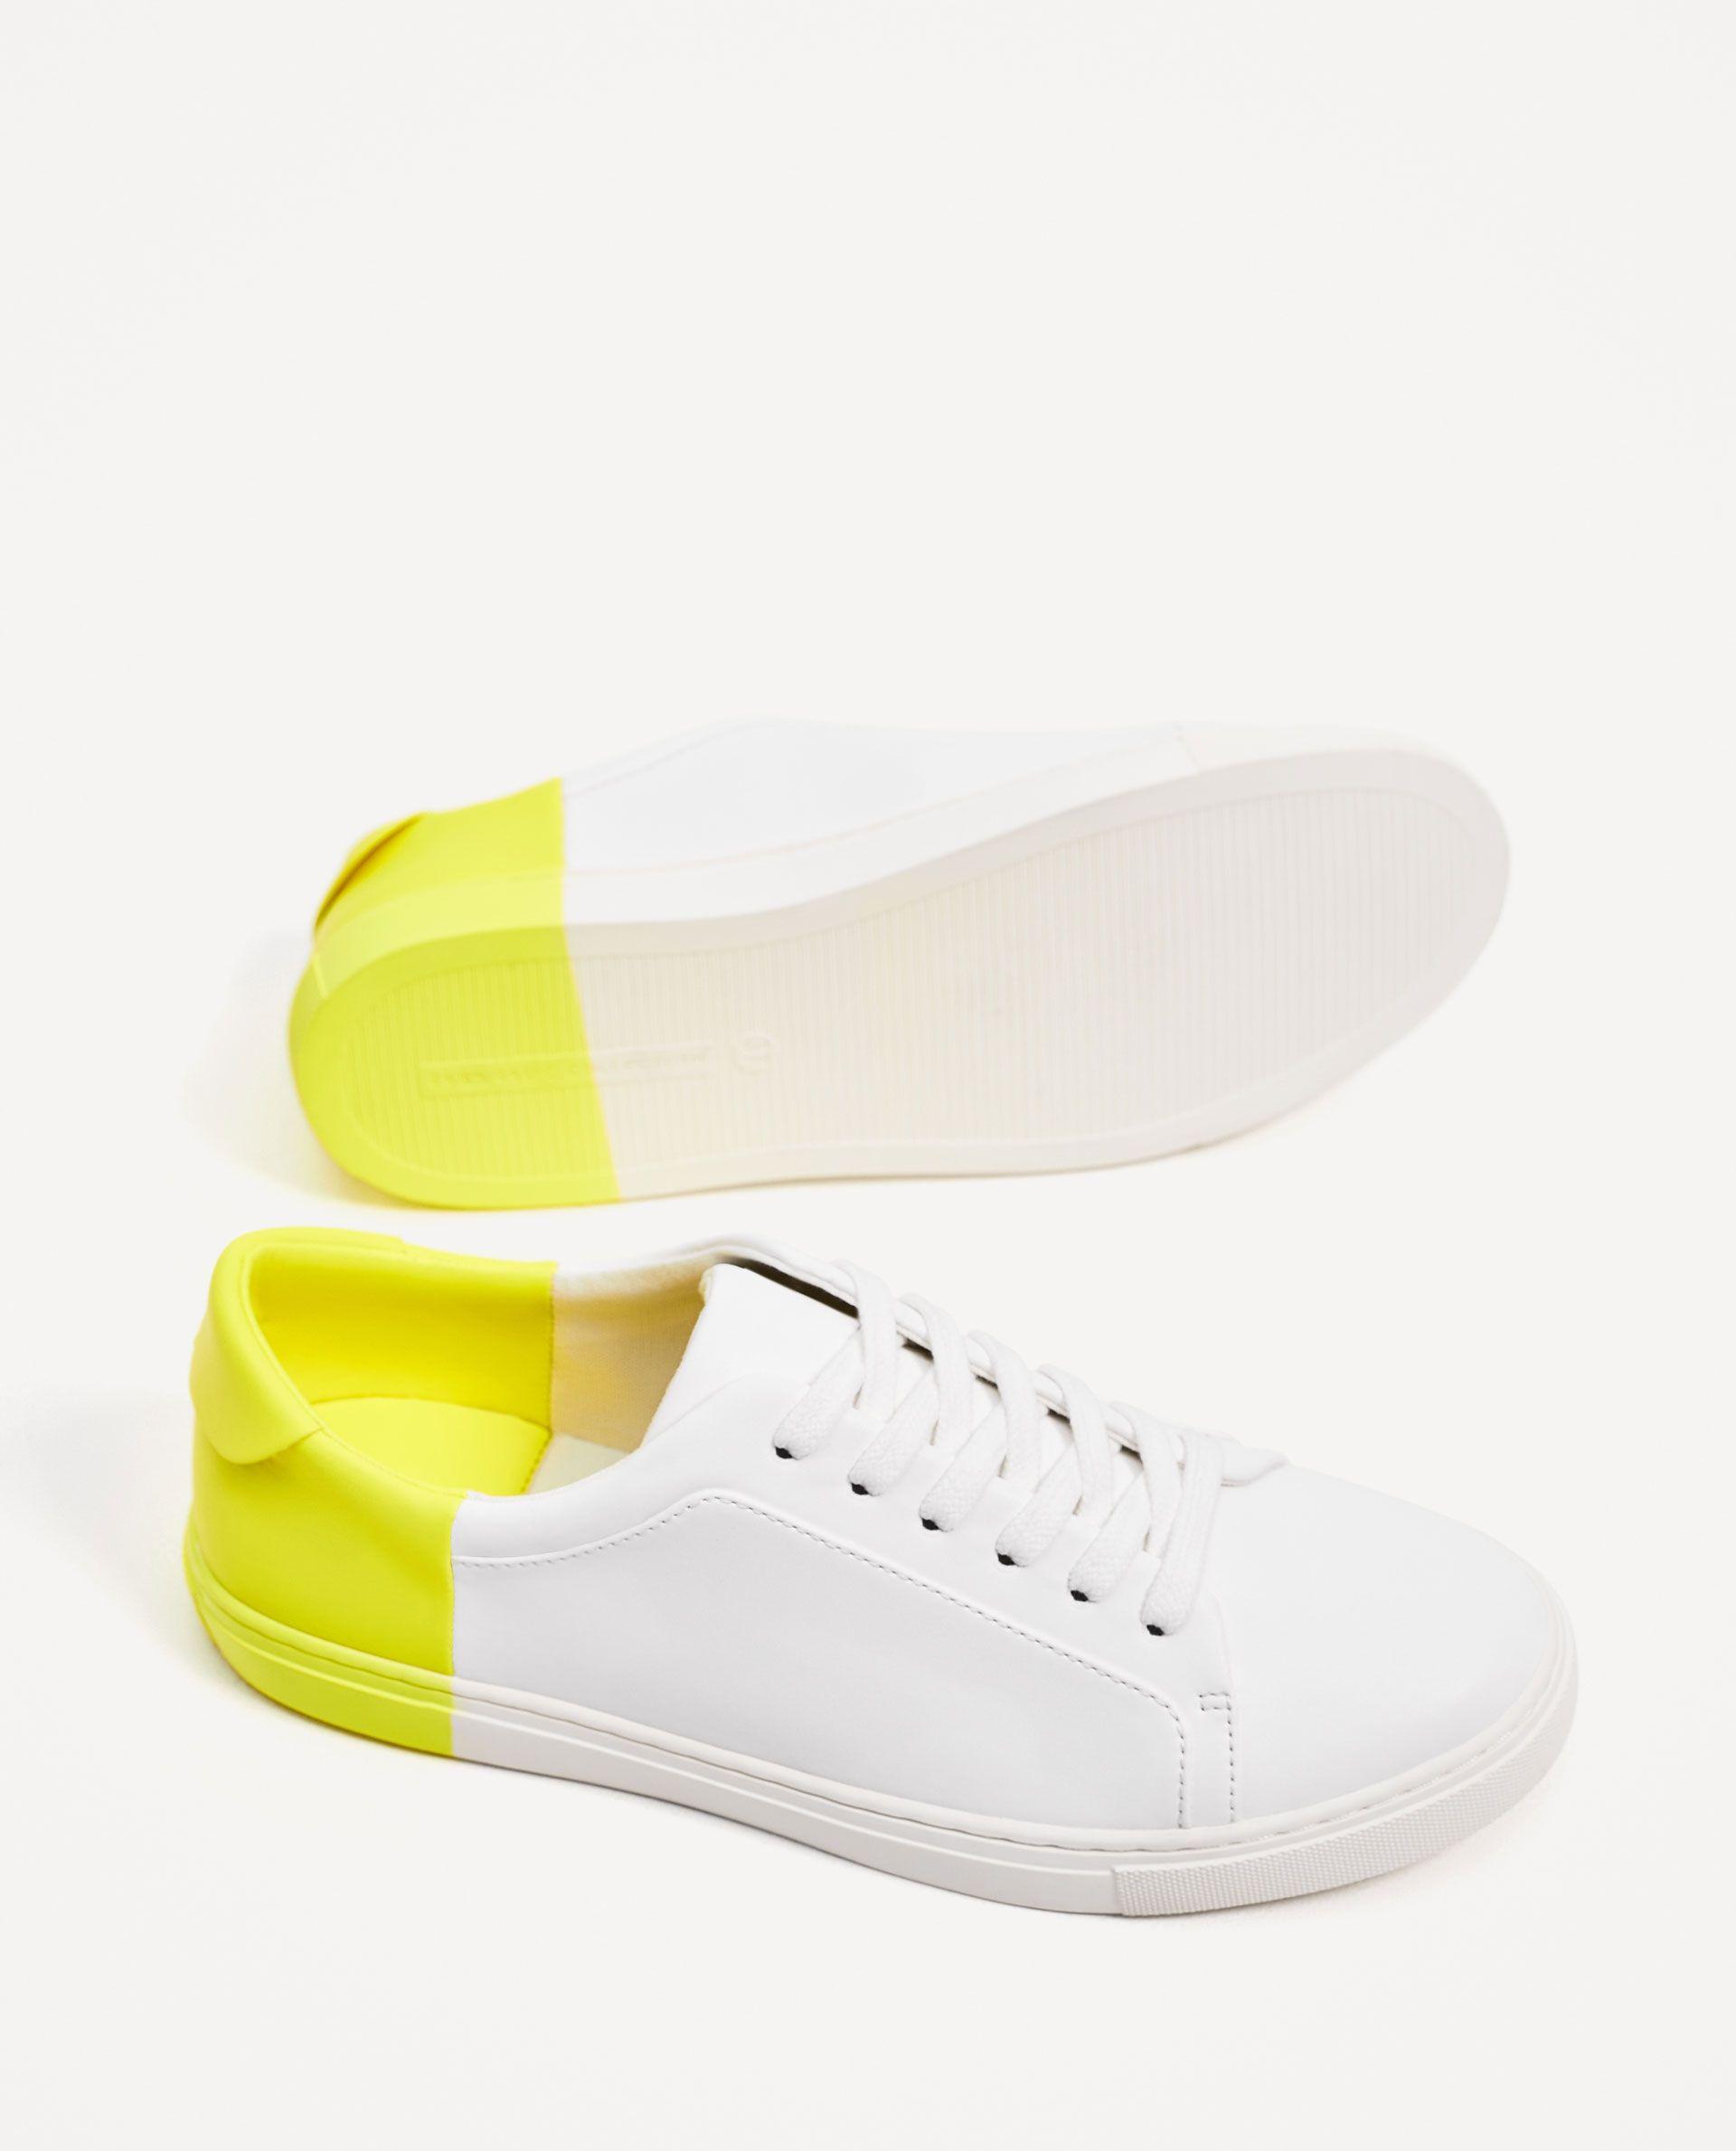 BAMBA BICOLOR | Tenis | Zapatos, Zapatillas bicolor y